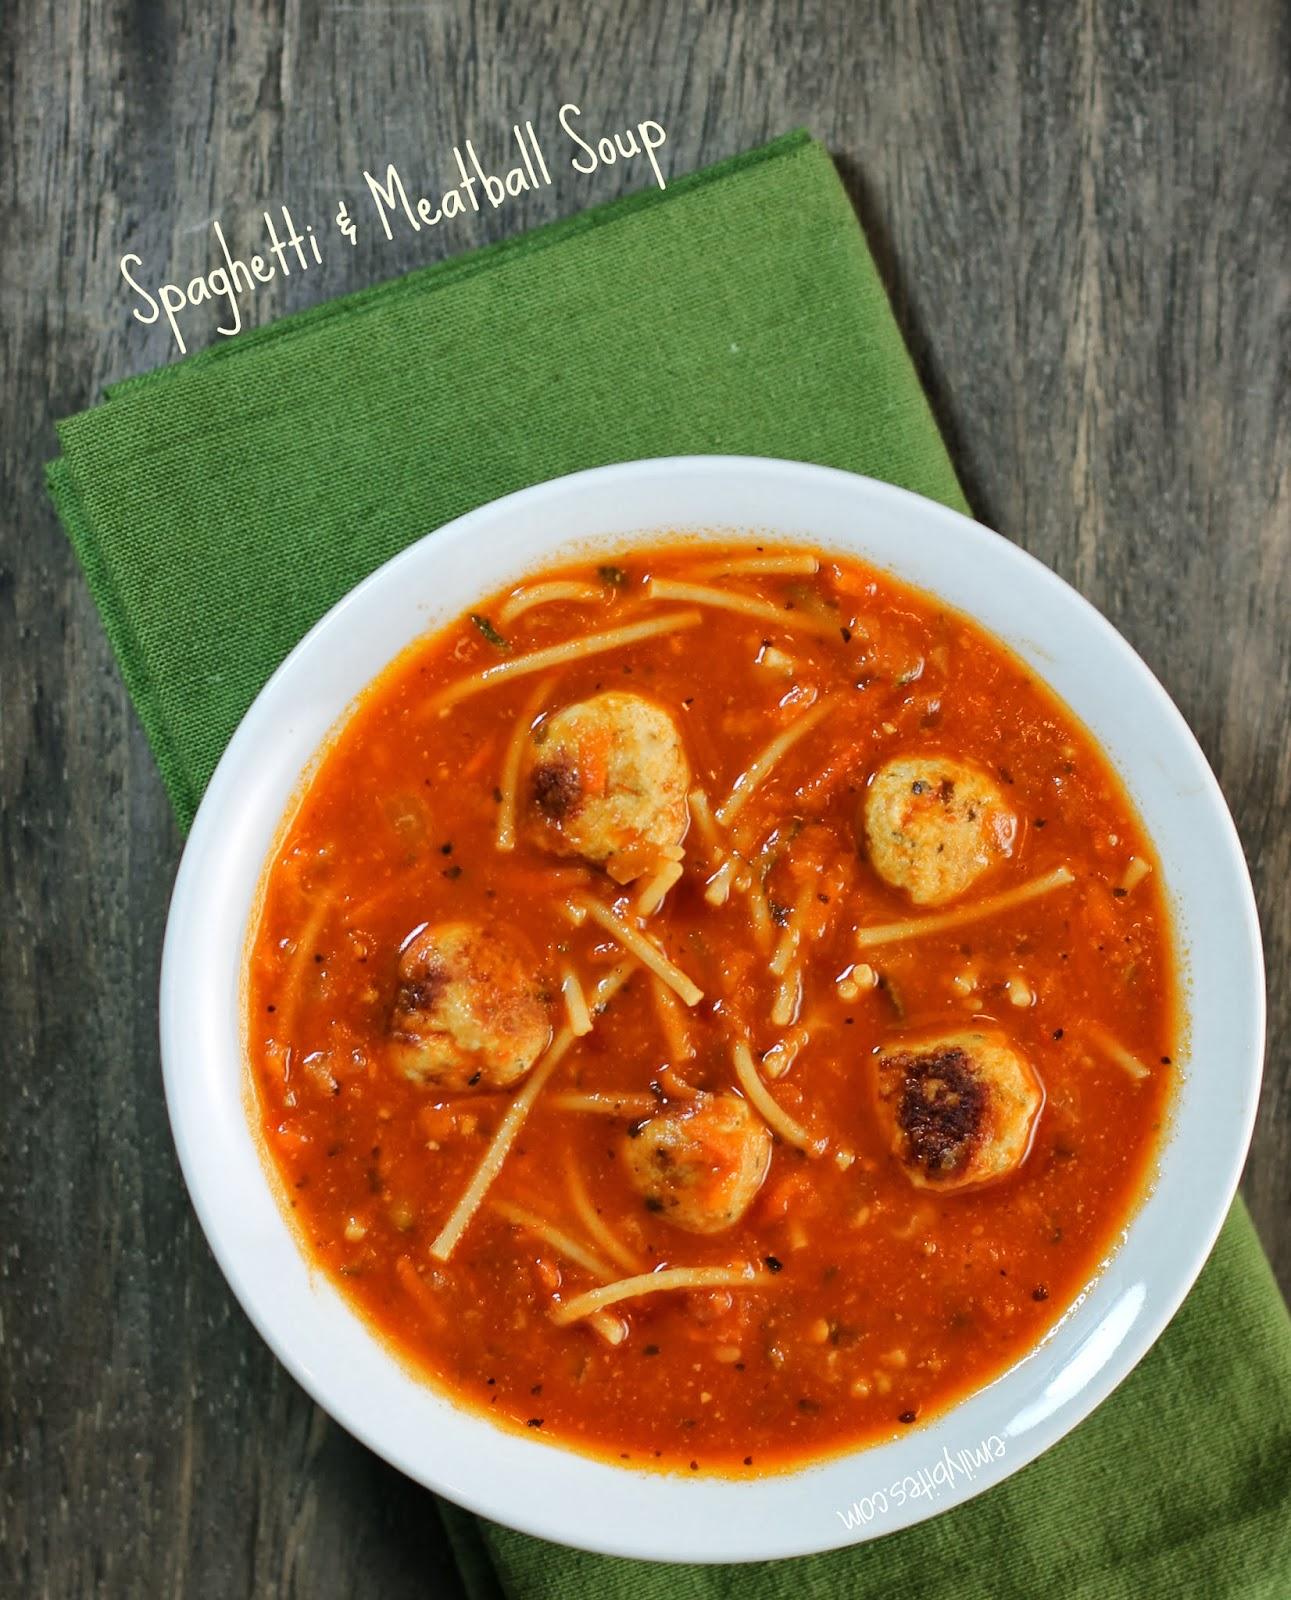 Spaghetti+%26+Meatball+Soup+5d.jpg